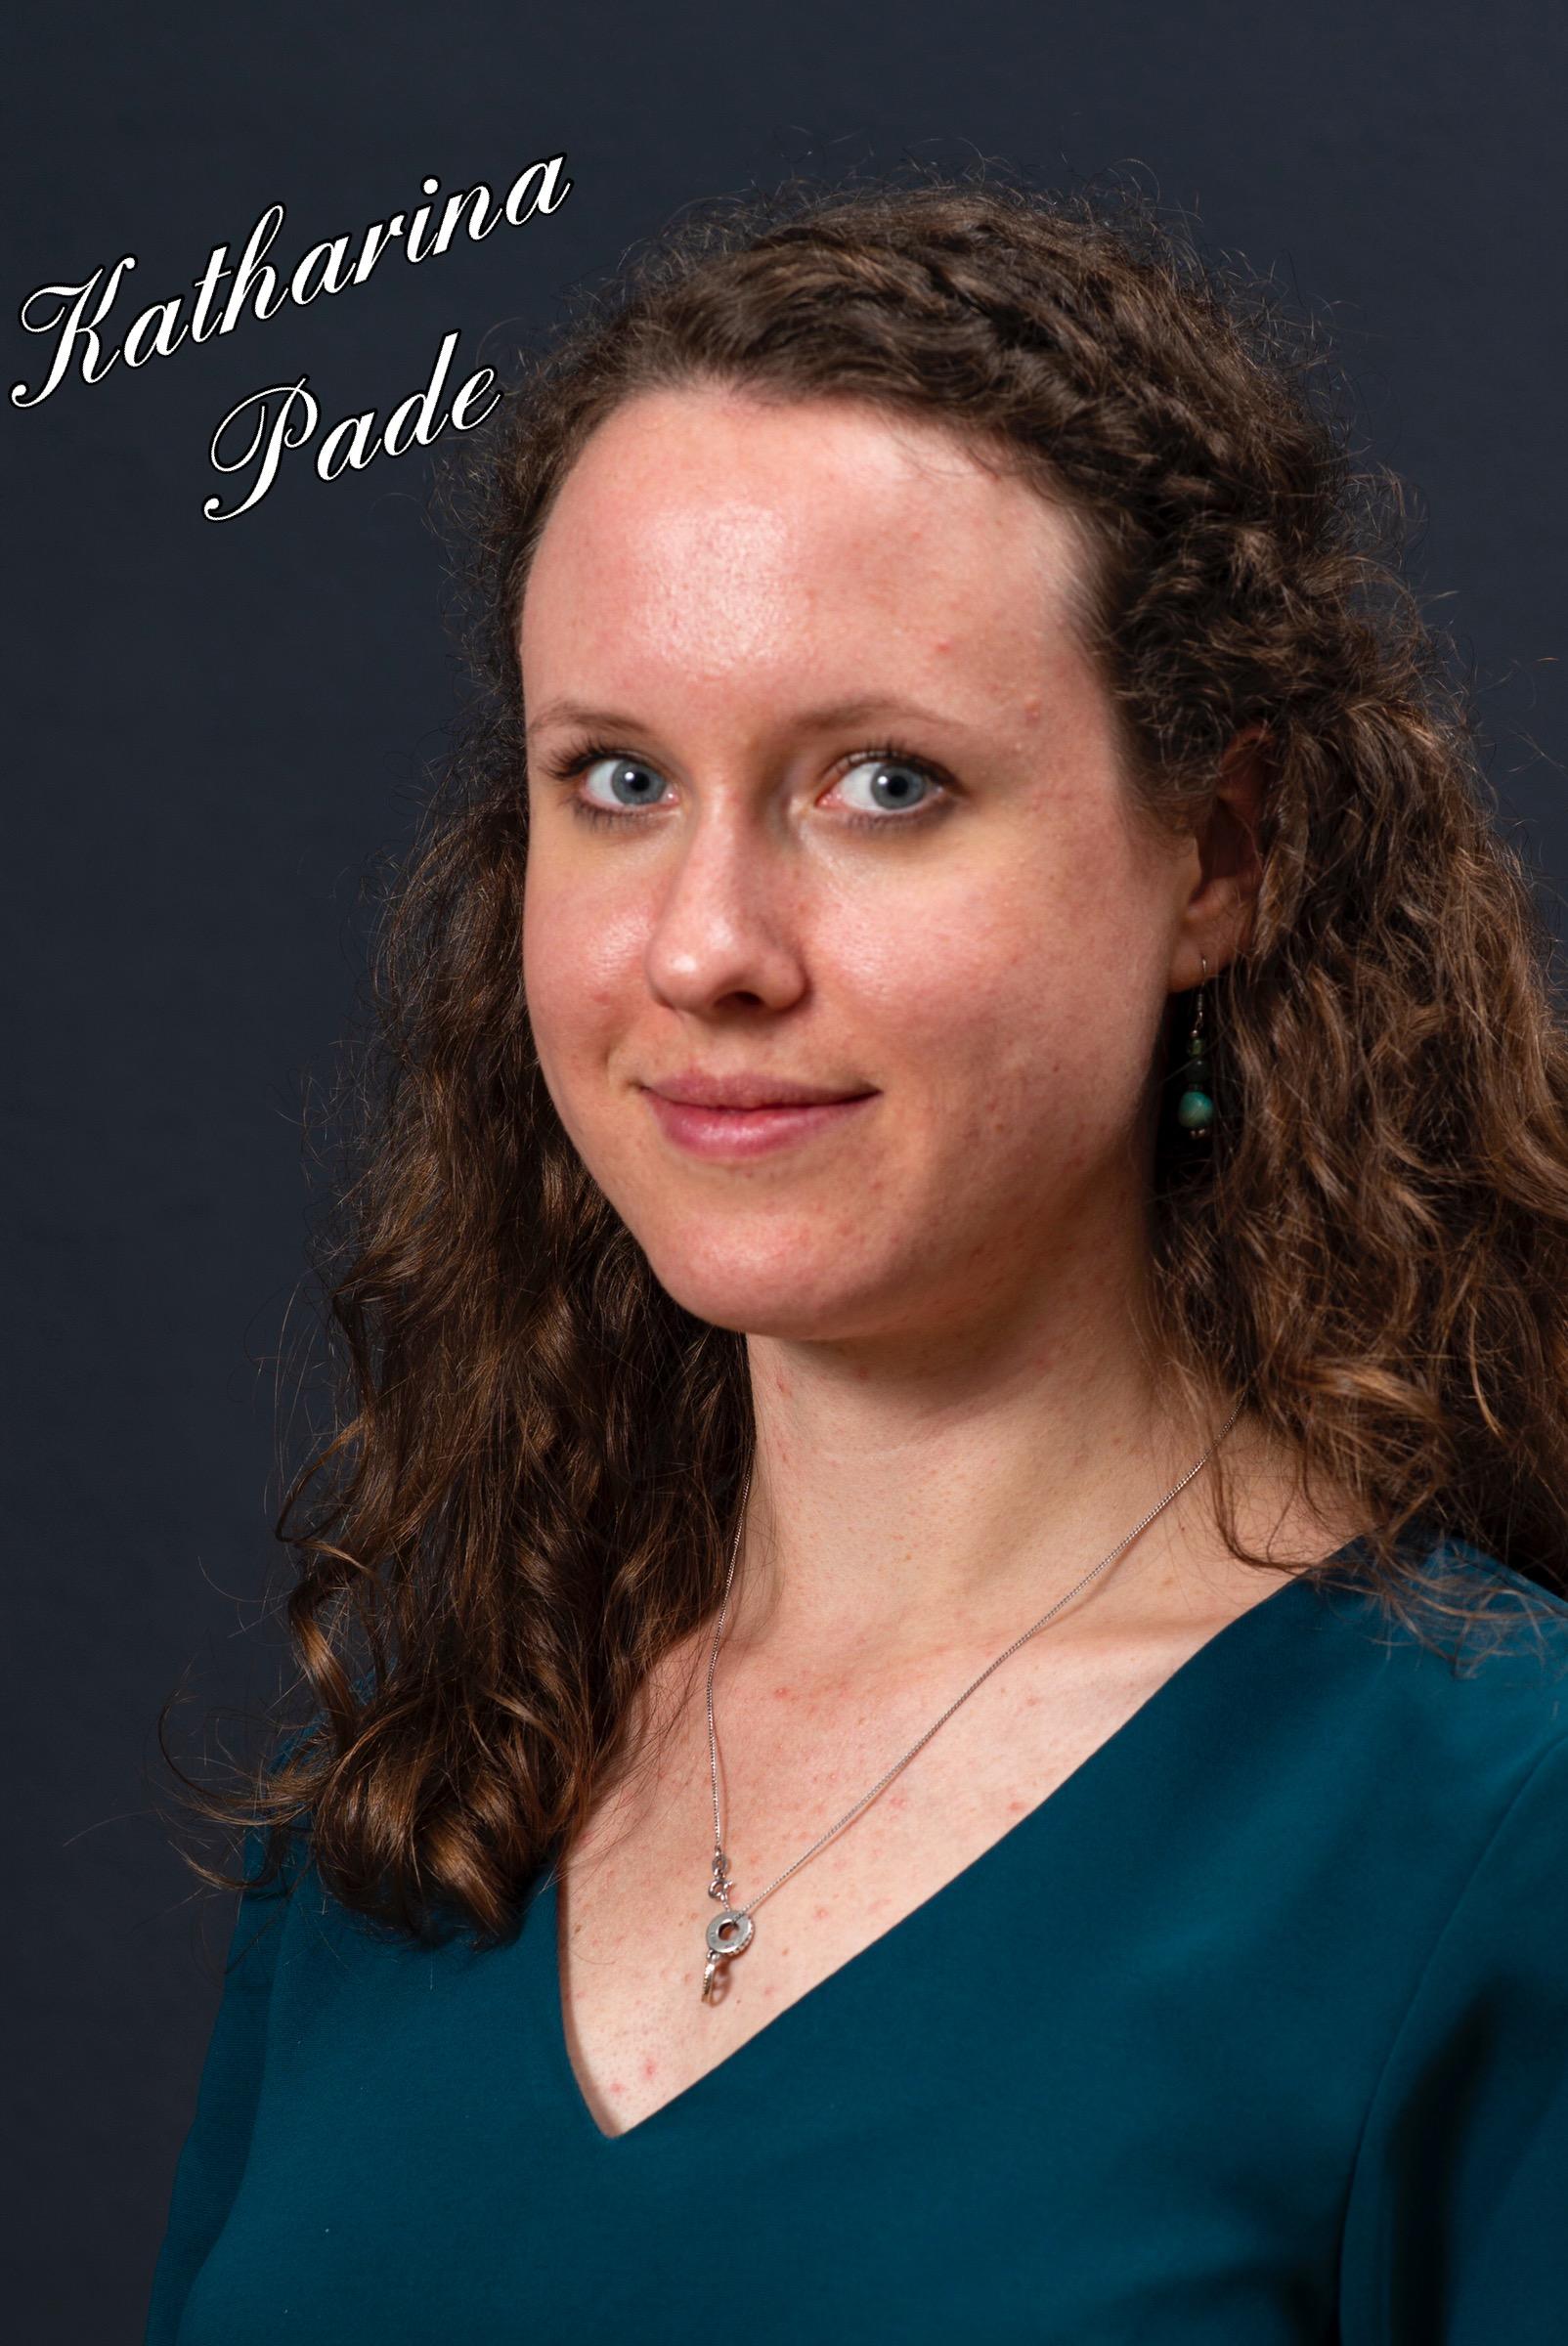 Katharina Pade